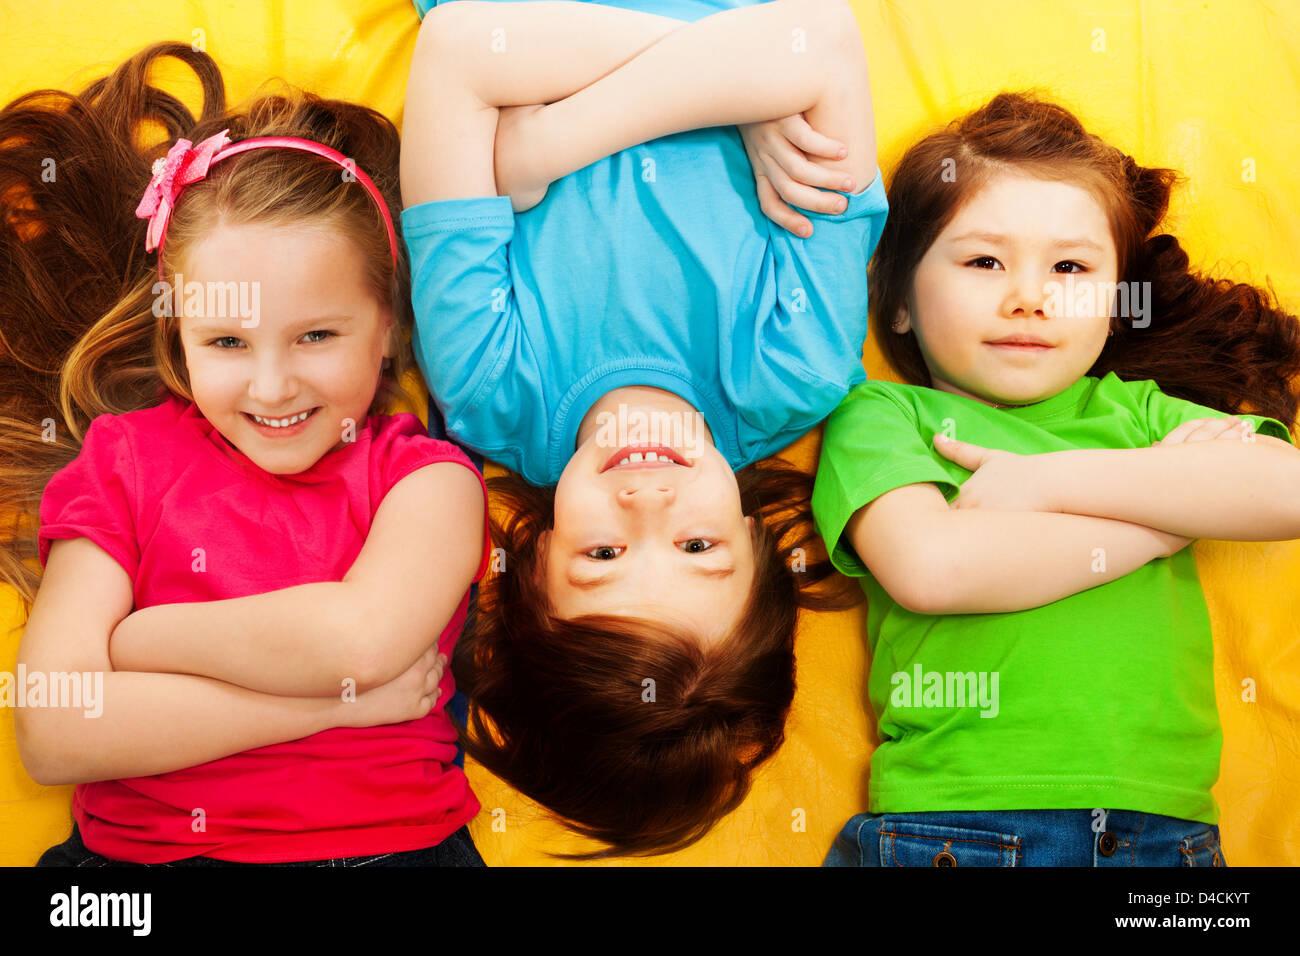 Drei Kleine Kinder Jungen Und Mädchen Verlegung Auf Der Gelben